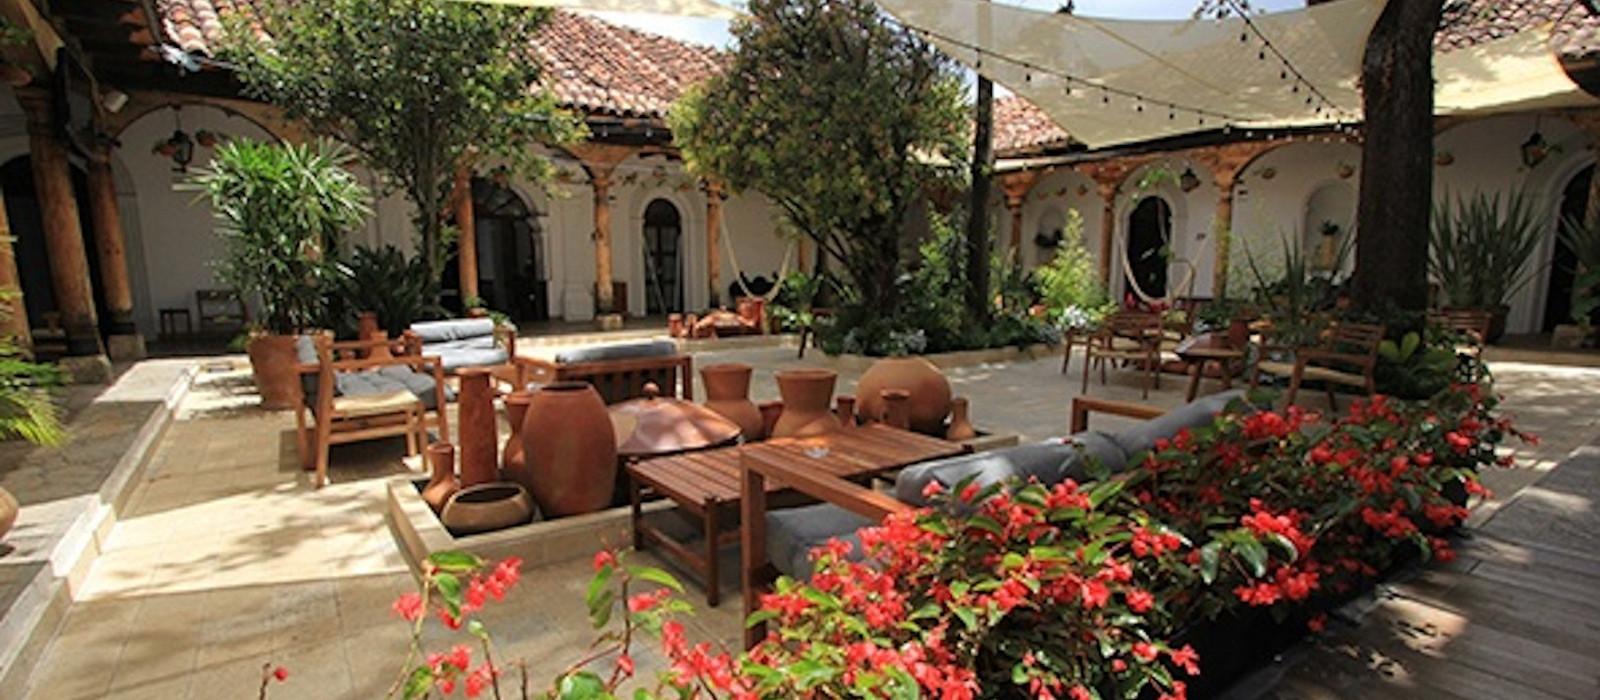 Hotel Sombra del Agua  San Cristobal Mexiko